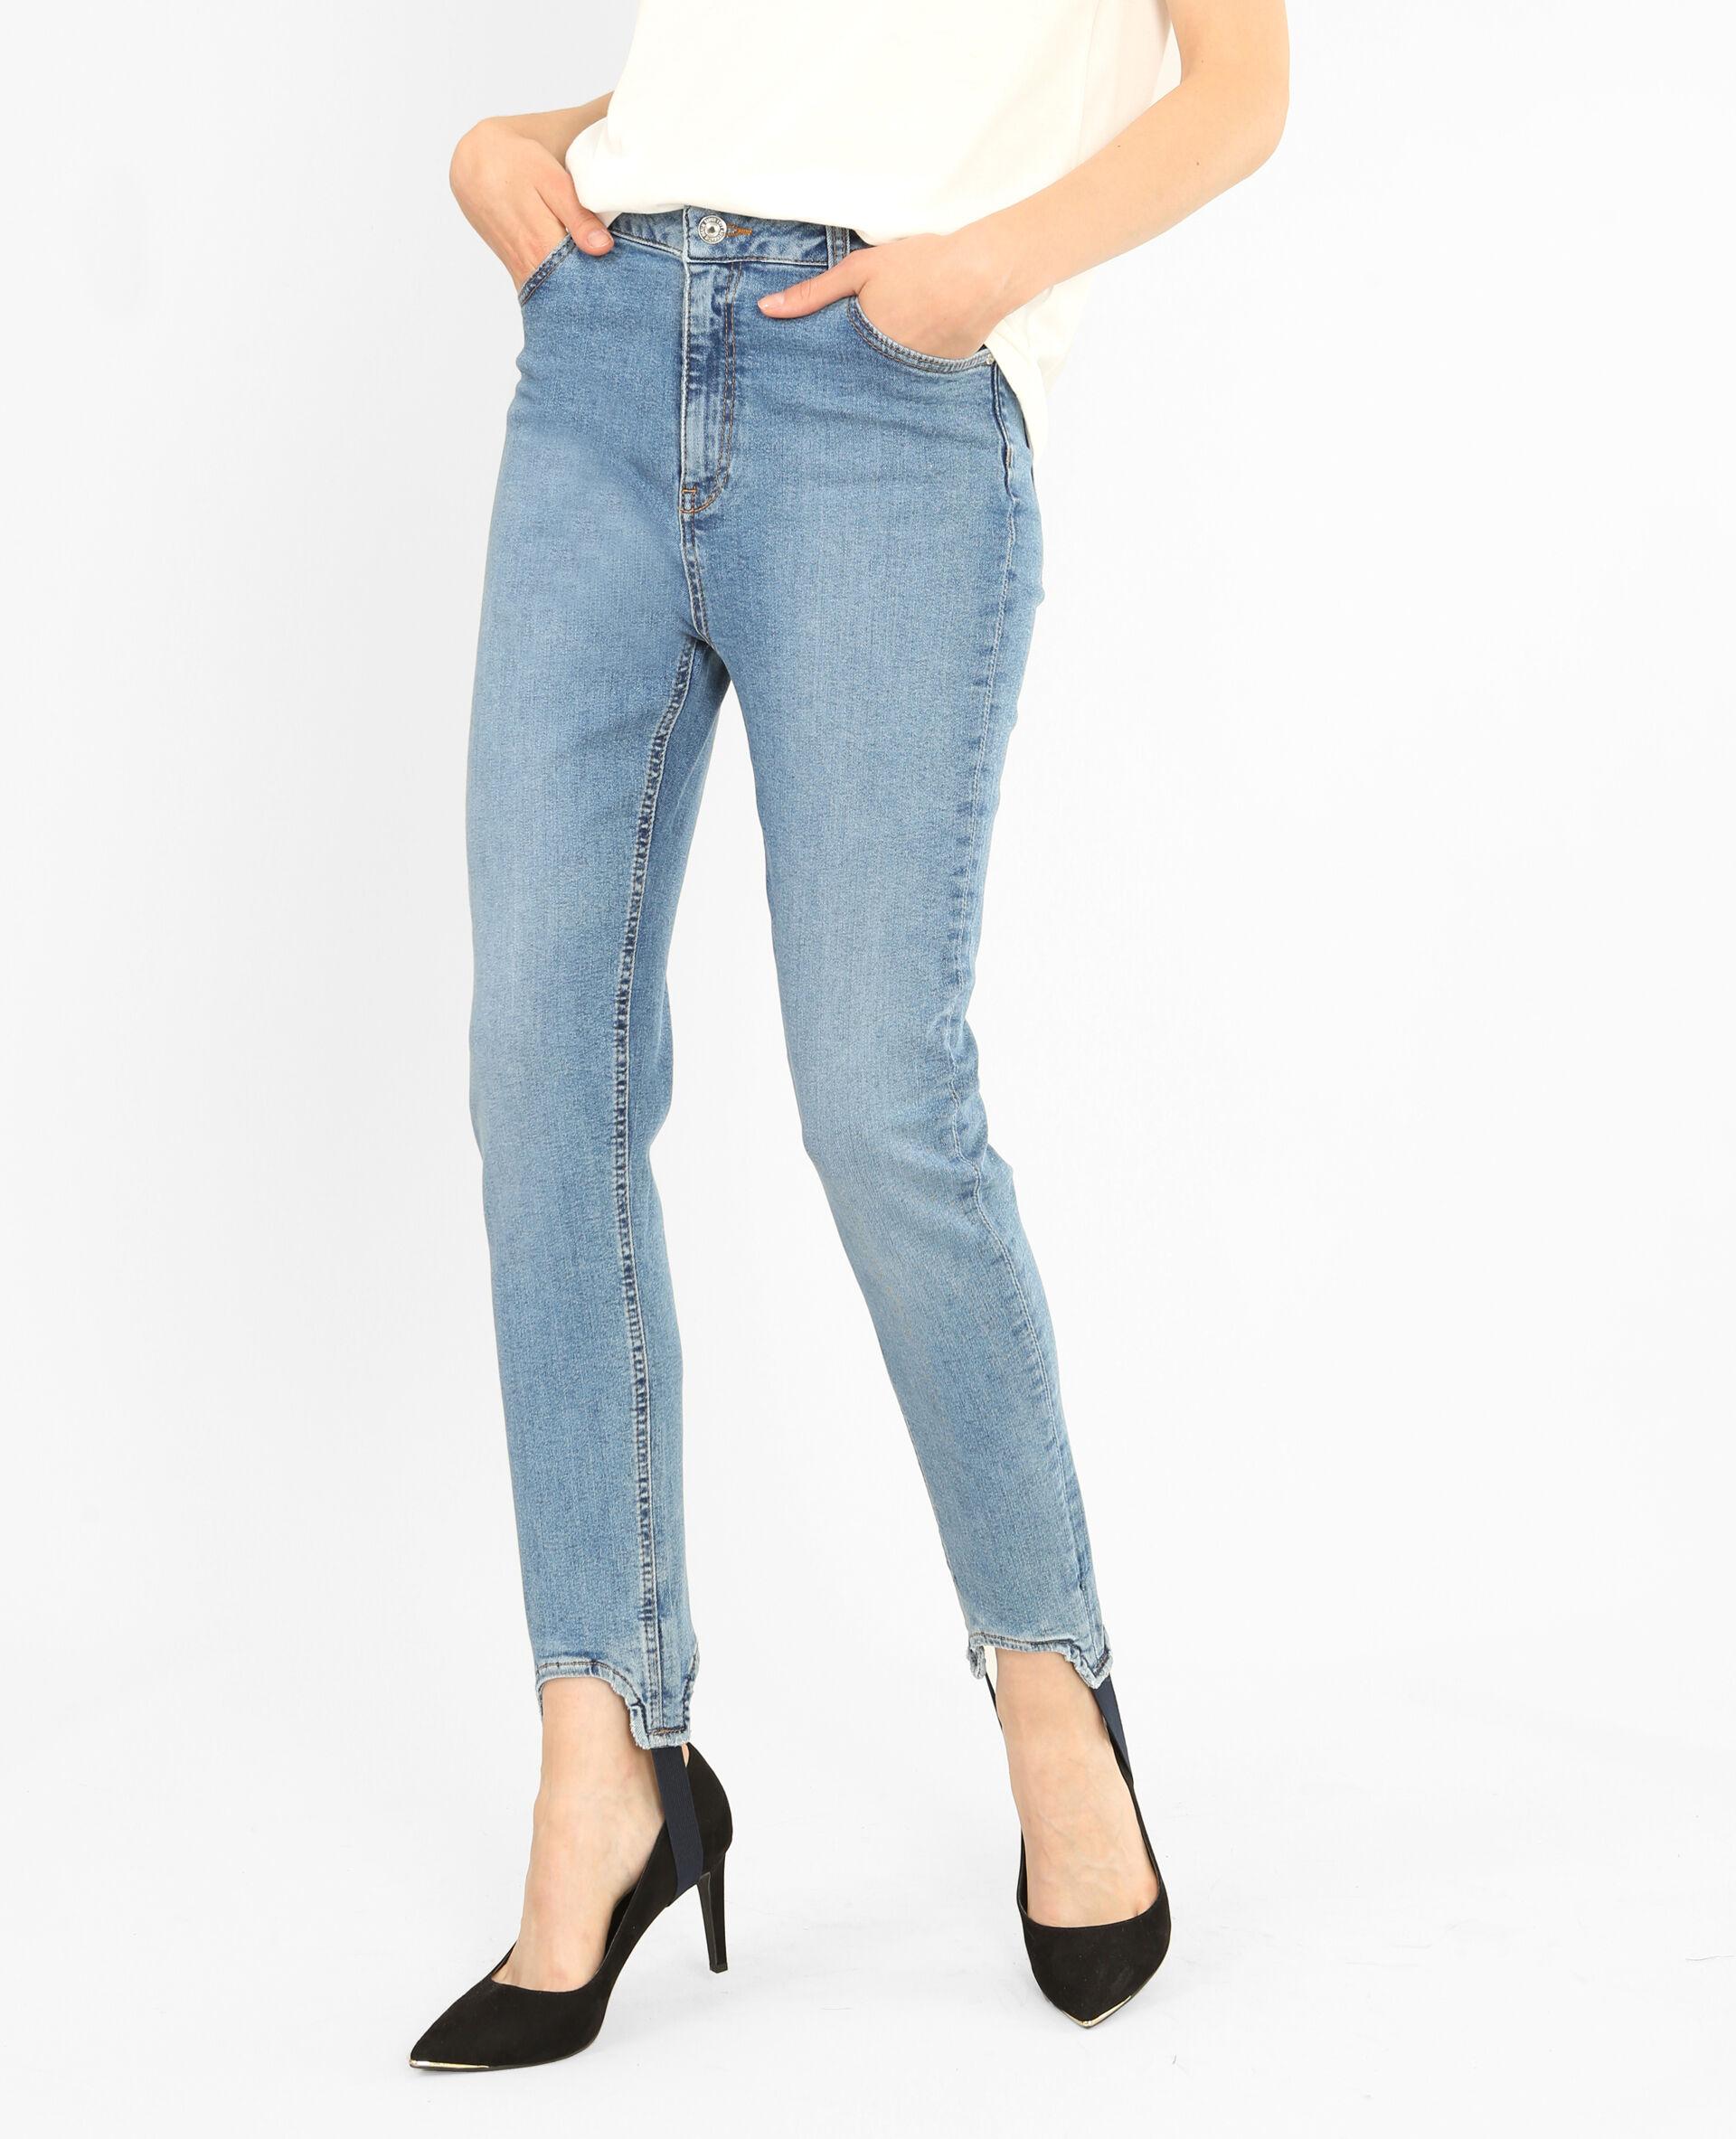 Jean skinny fuseau Femme -40% - Couleur bleu ciel - Taille 38 - PIMKIE - Soldes Hiver 2018